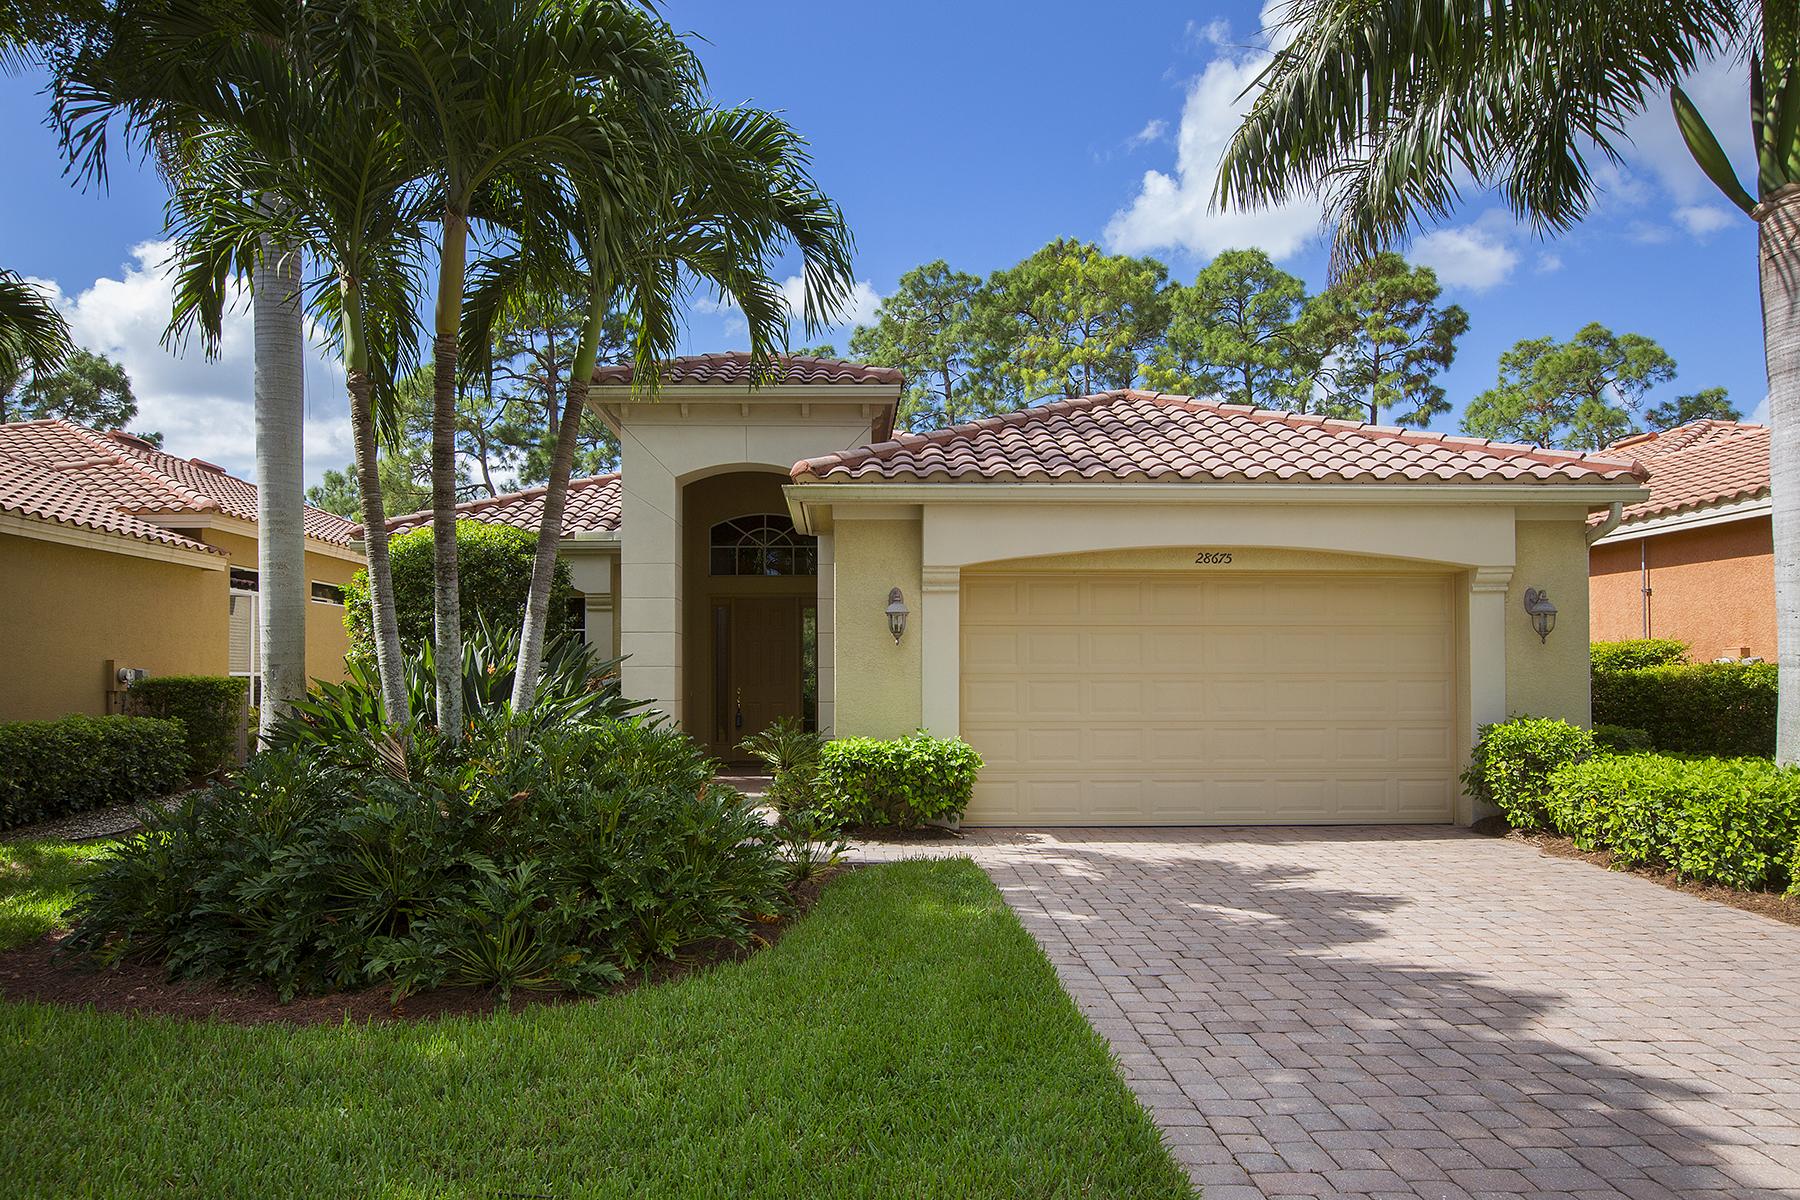 Nhà ở một gia đình vì Bán tại VASARI - PIENZA 28675 Pienza Ct Bonita Springs, Florida, 34135 Hoa Kỳ